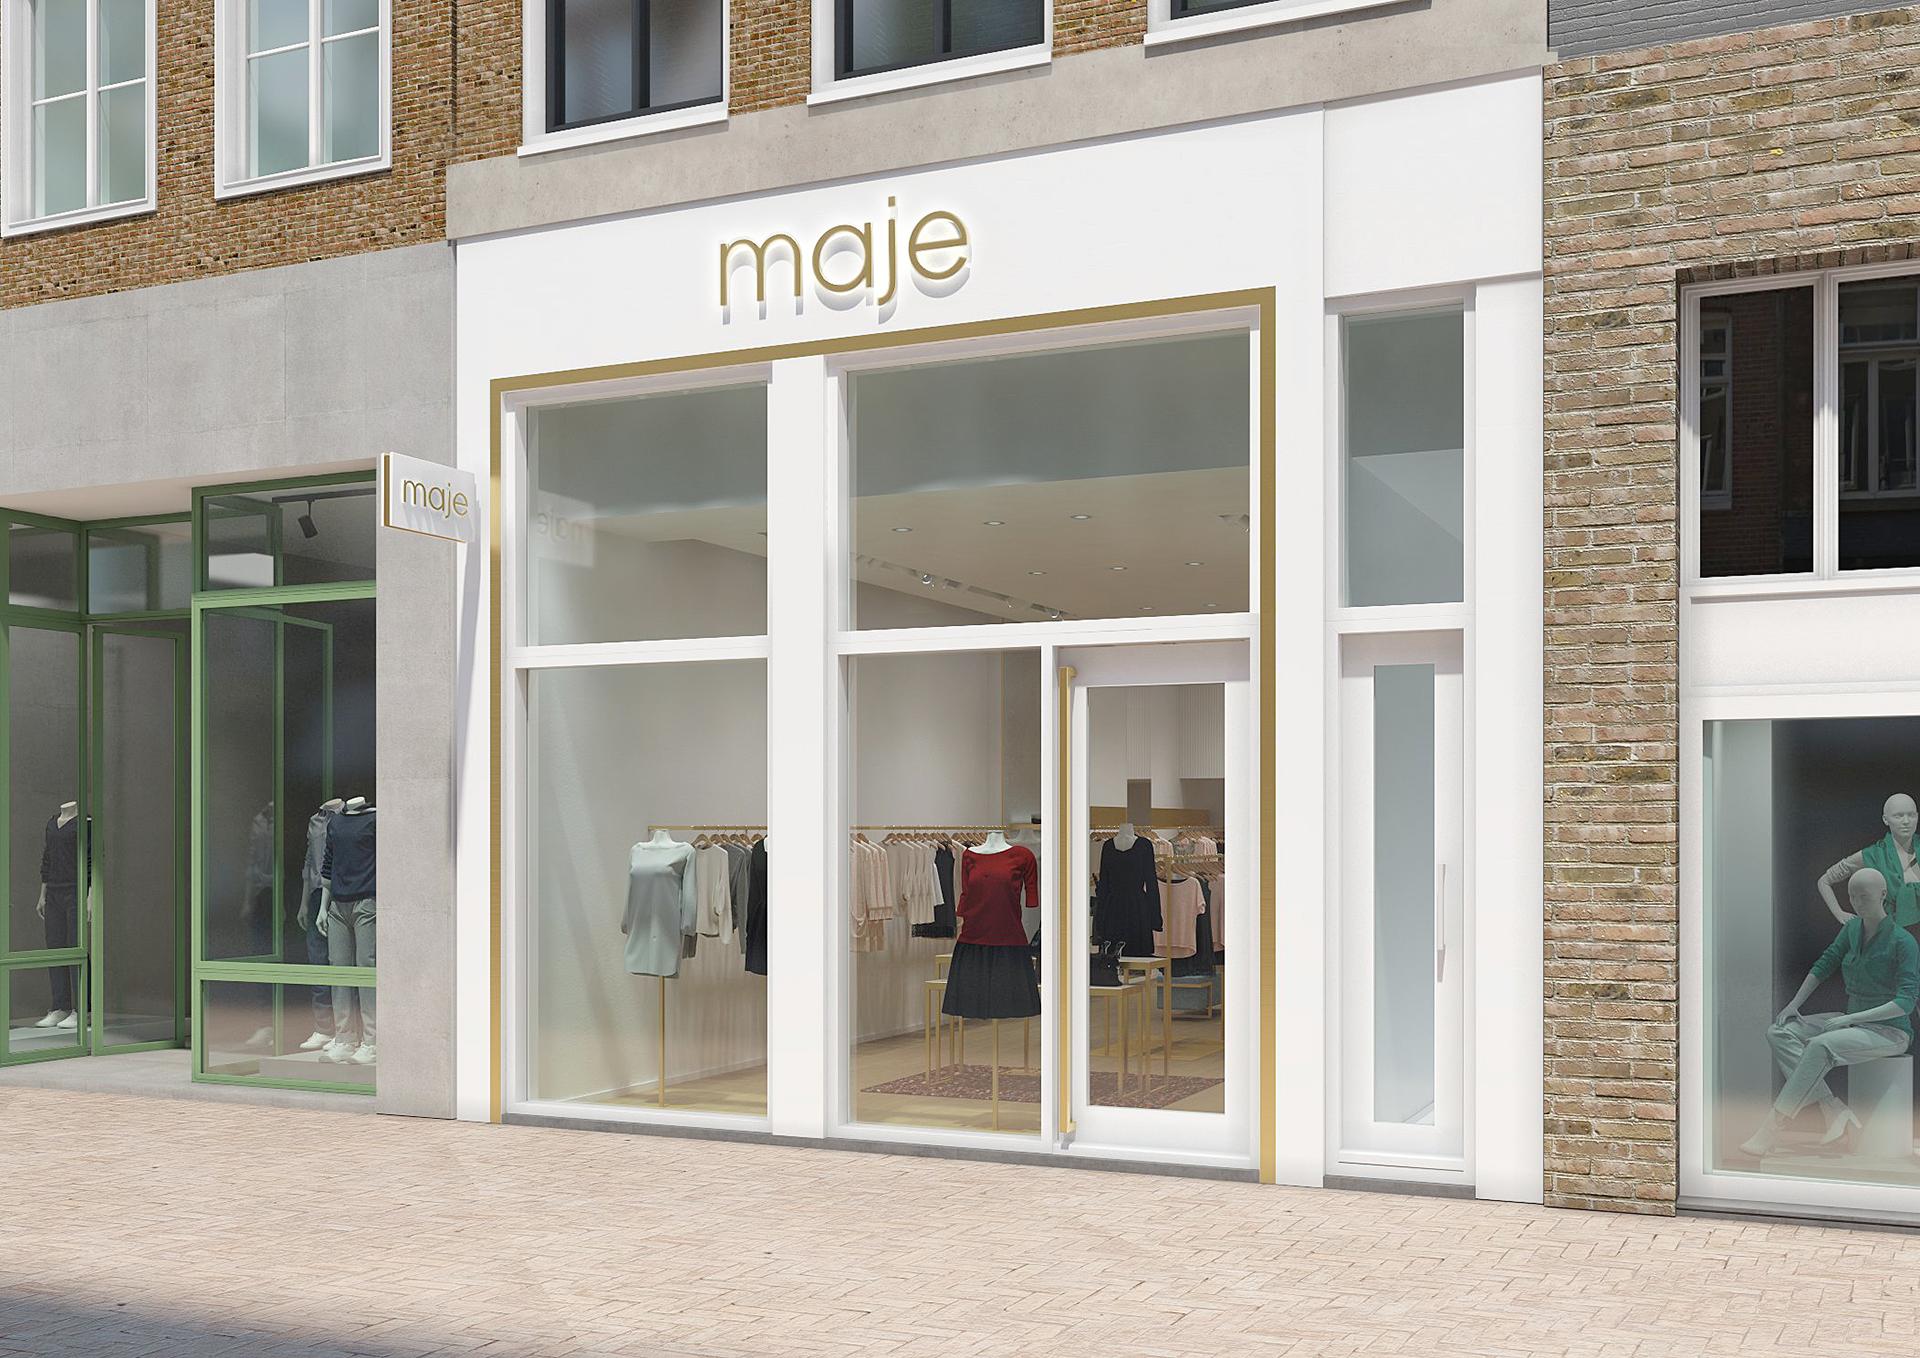 Modélisation de la facade d'une boutique de prêt à portée